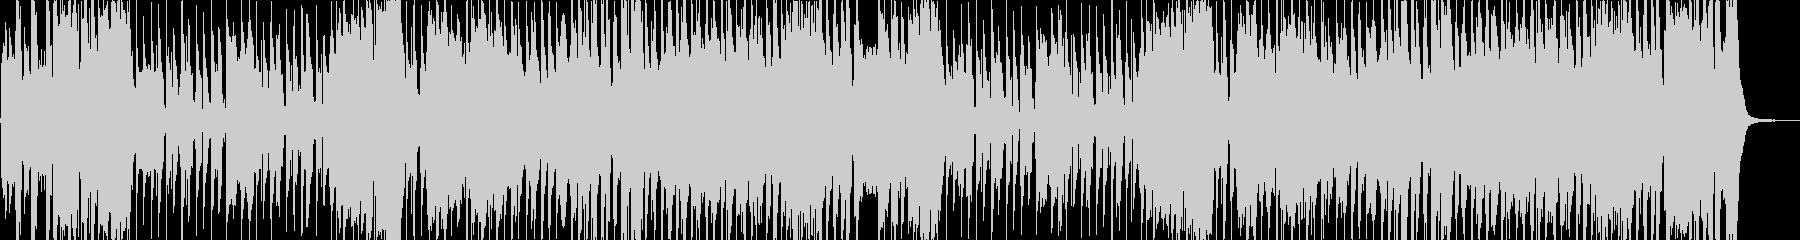 子供のイメージにほのぼのと明るい楽曲の未再生の波形